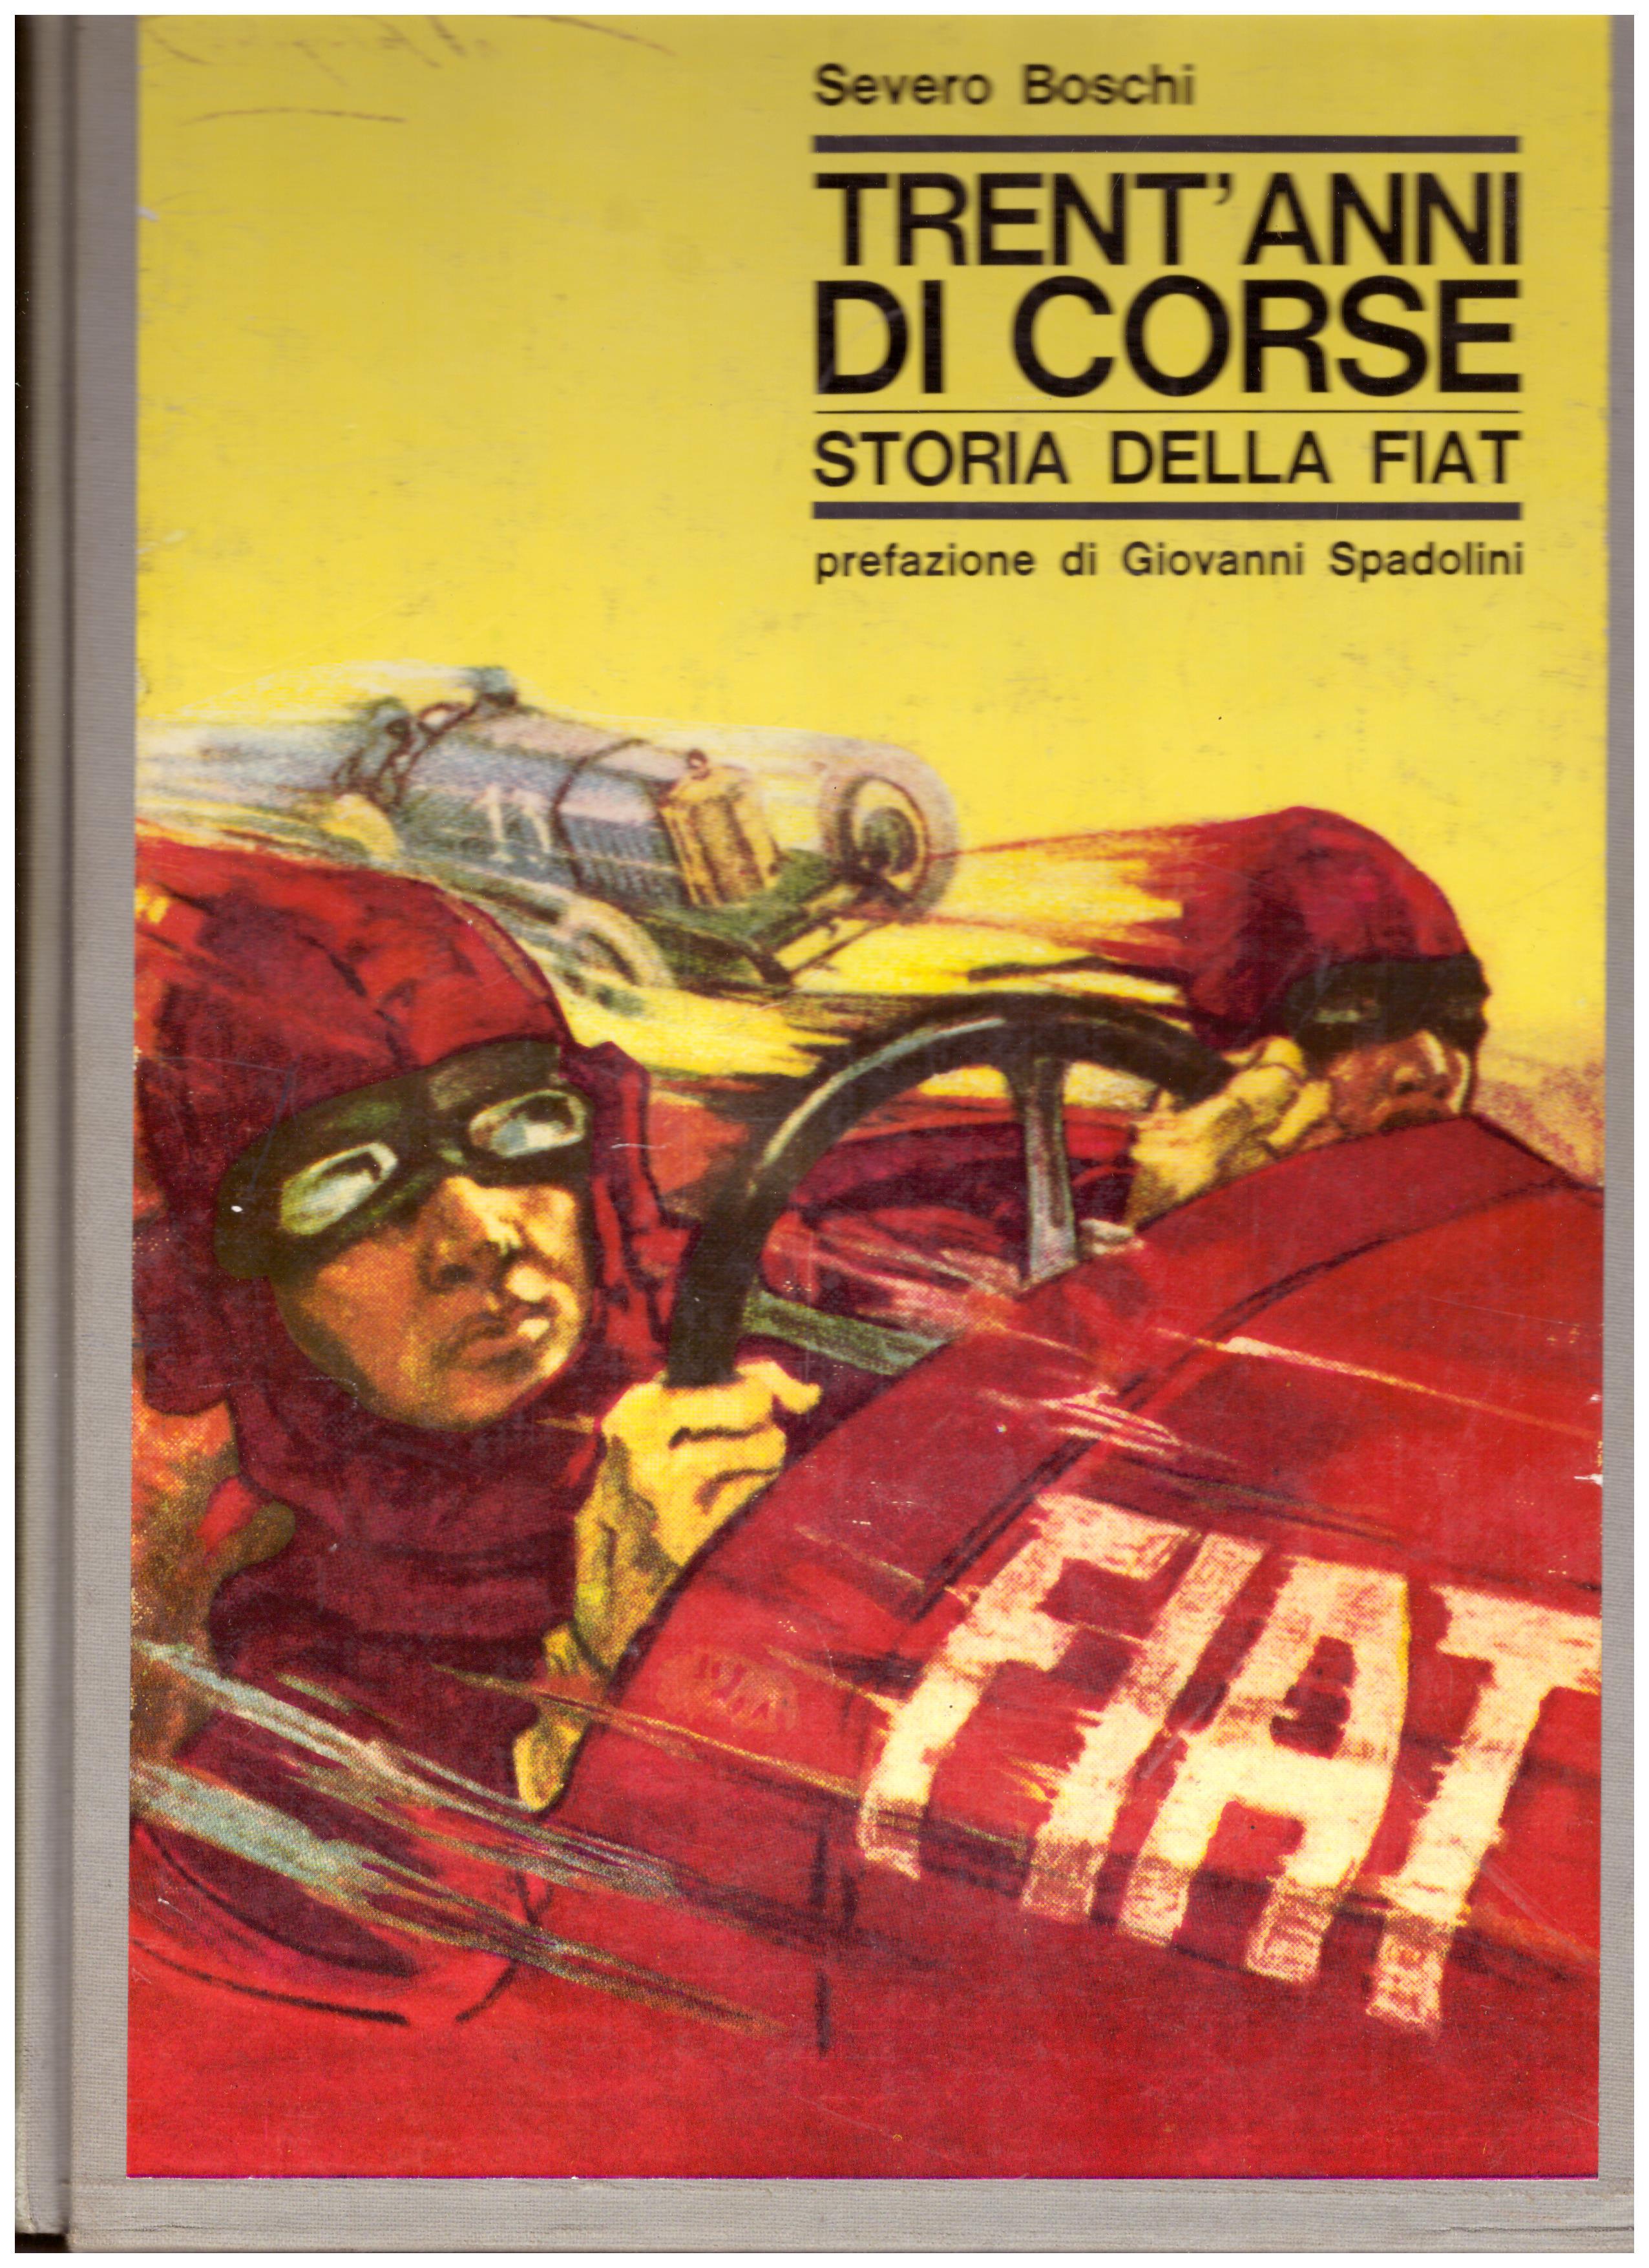 Titolo: Trent'anni di corse      Autore: Severo Boschi    Editore: editoriale il Borgo Bologna, 1966